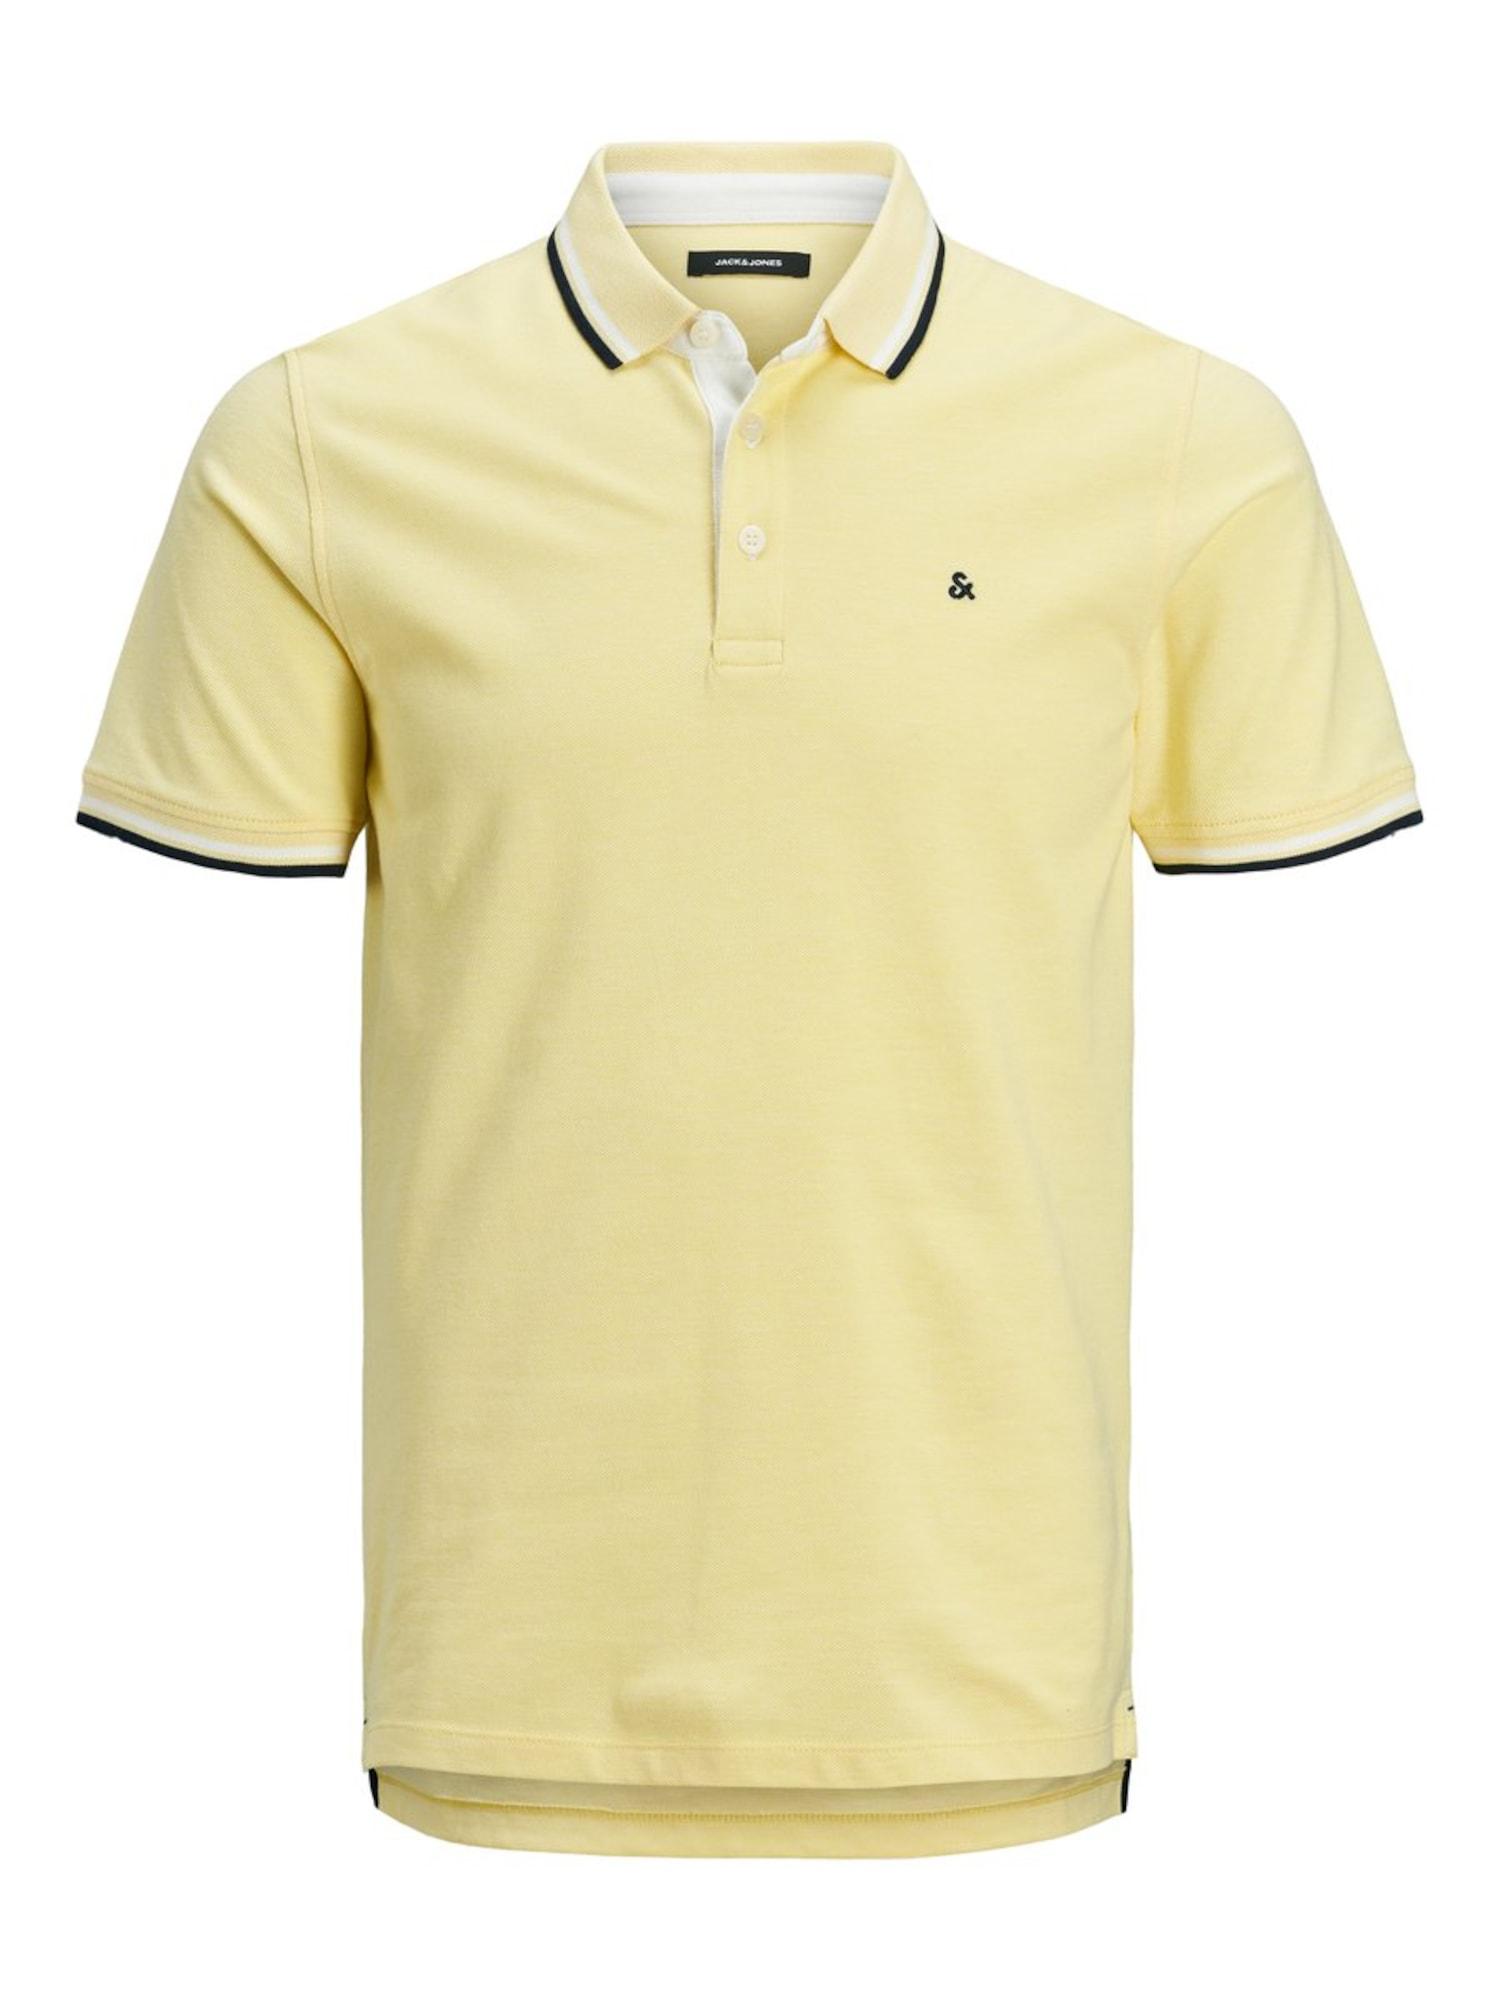 JACK & JONES Marškinėliai margai balta / juoda / šviesiai geltona